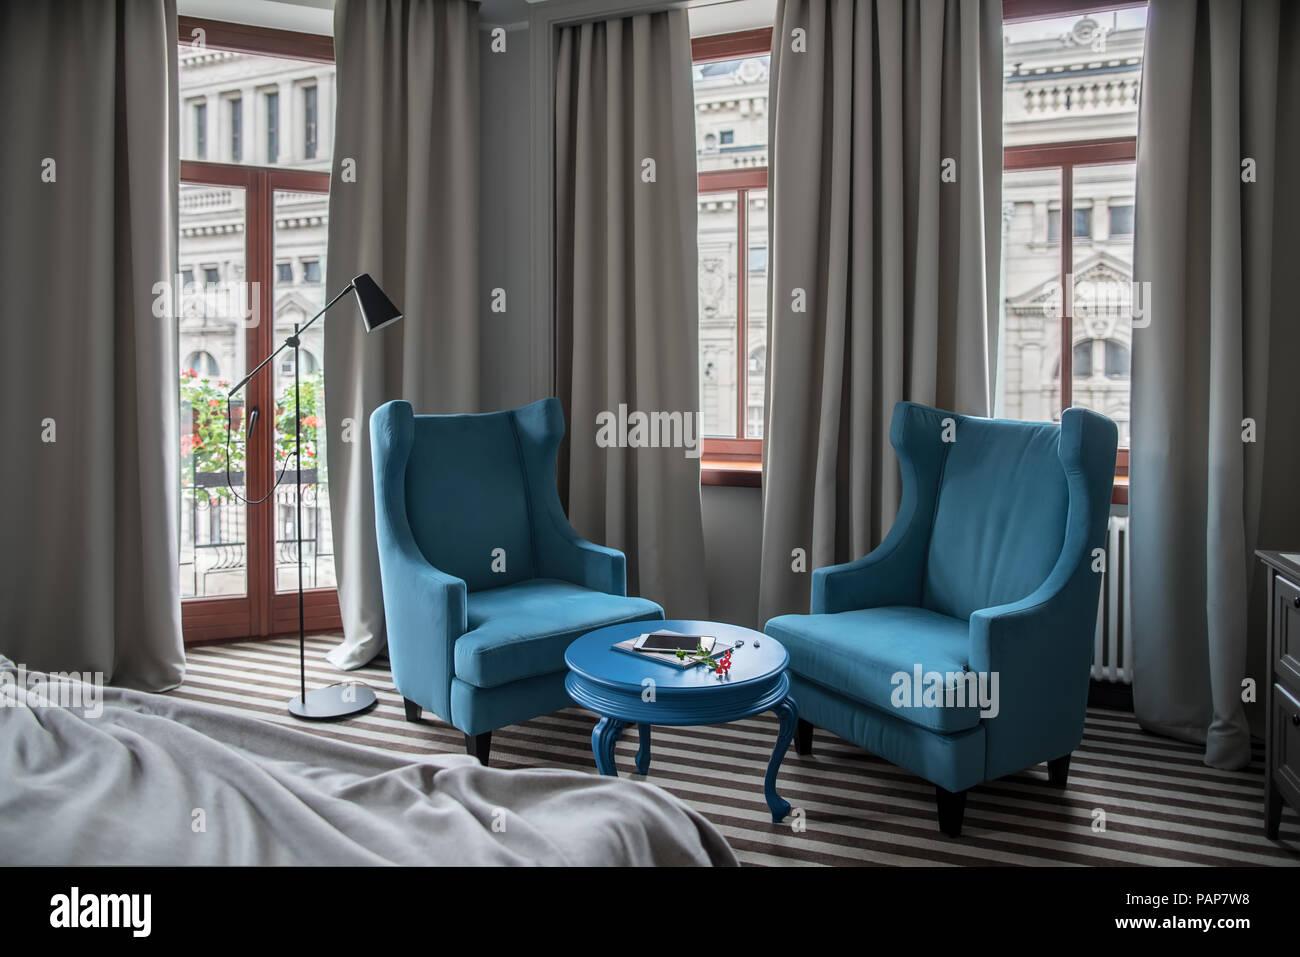 Pavimento Scuro Colore Pareti : Hotel stanza con pareti di colore chiaro e un pavimento striato. vi